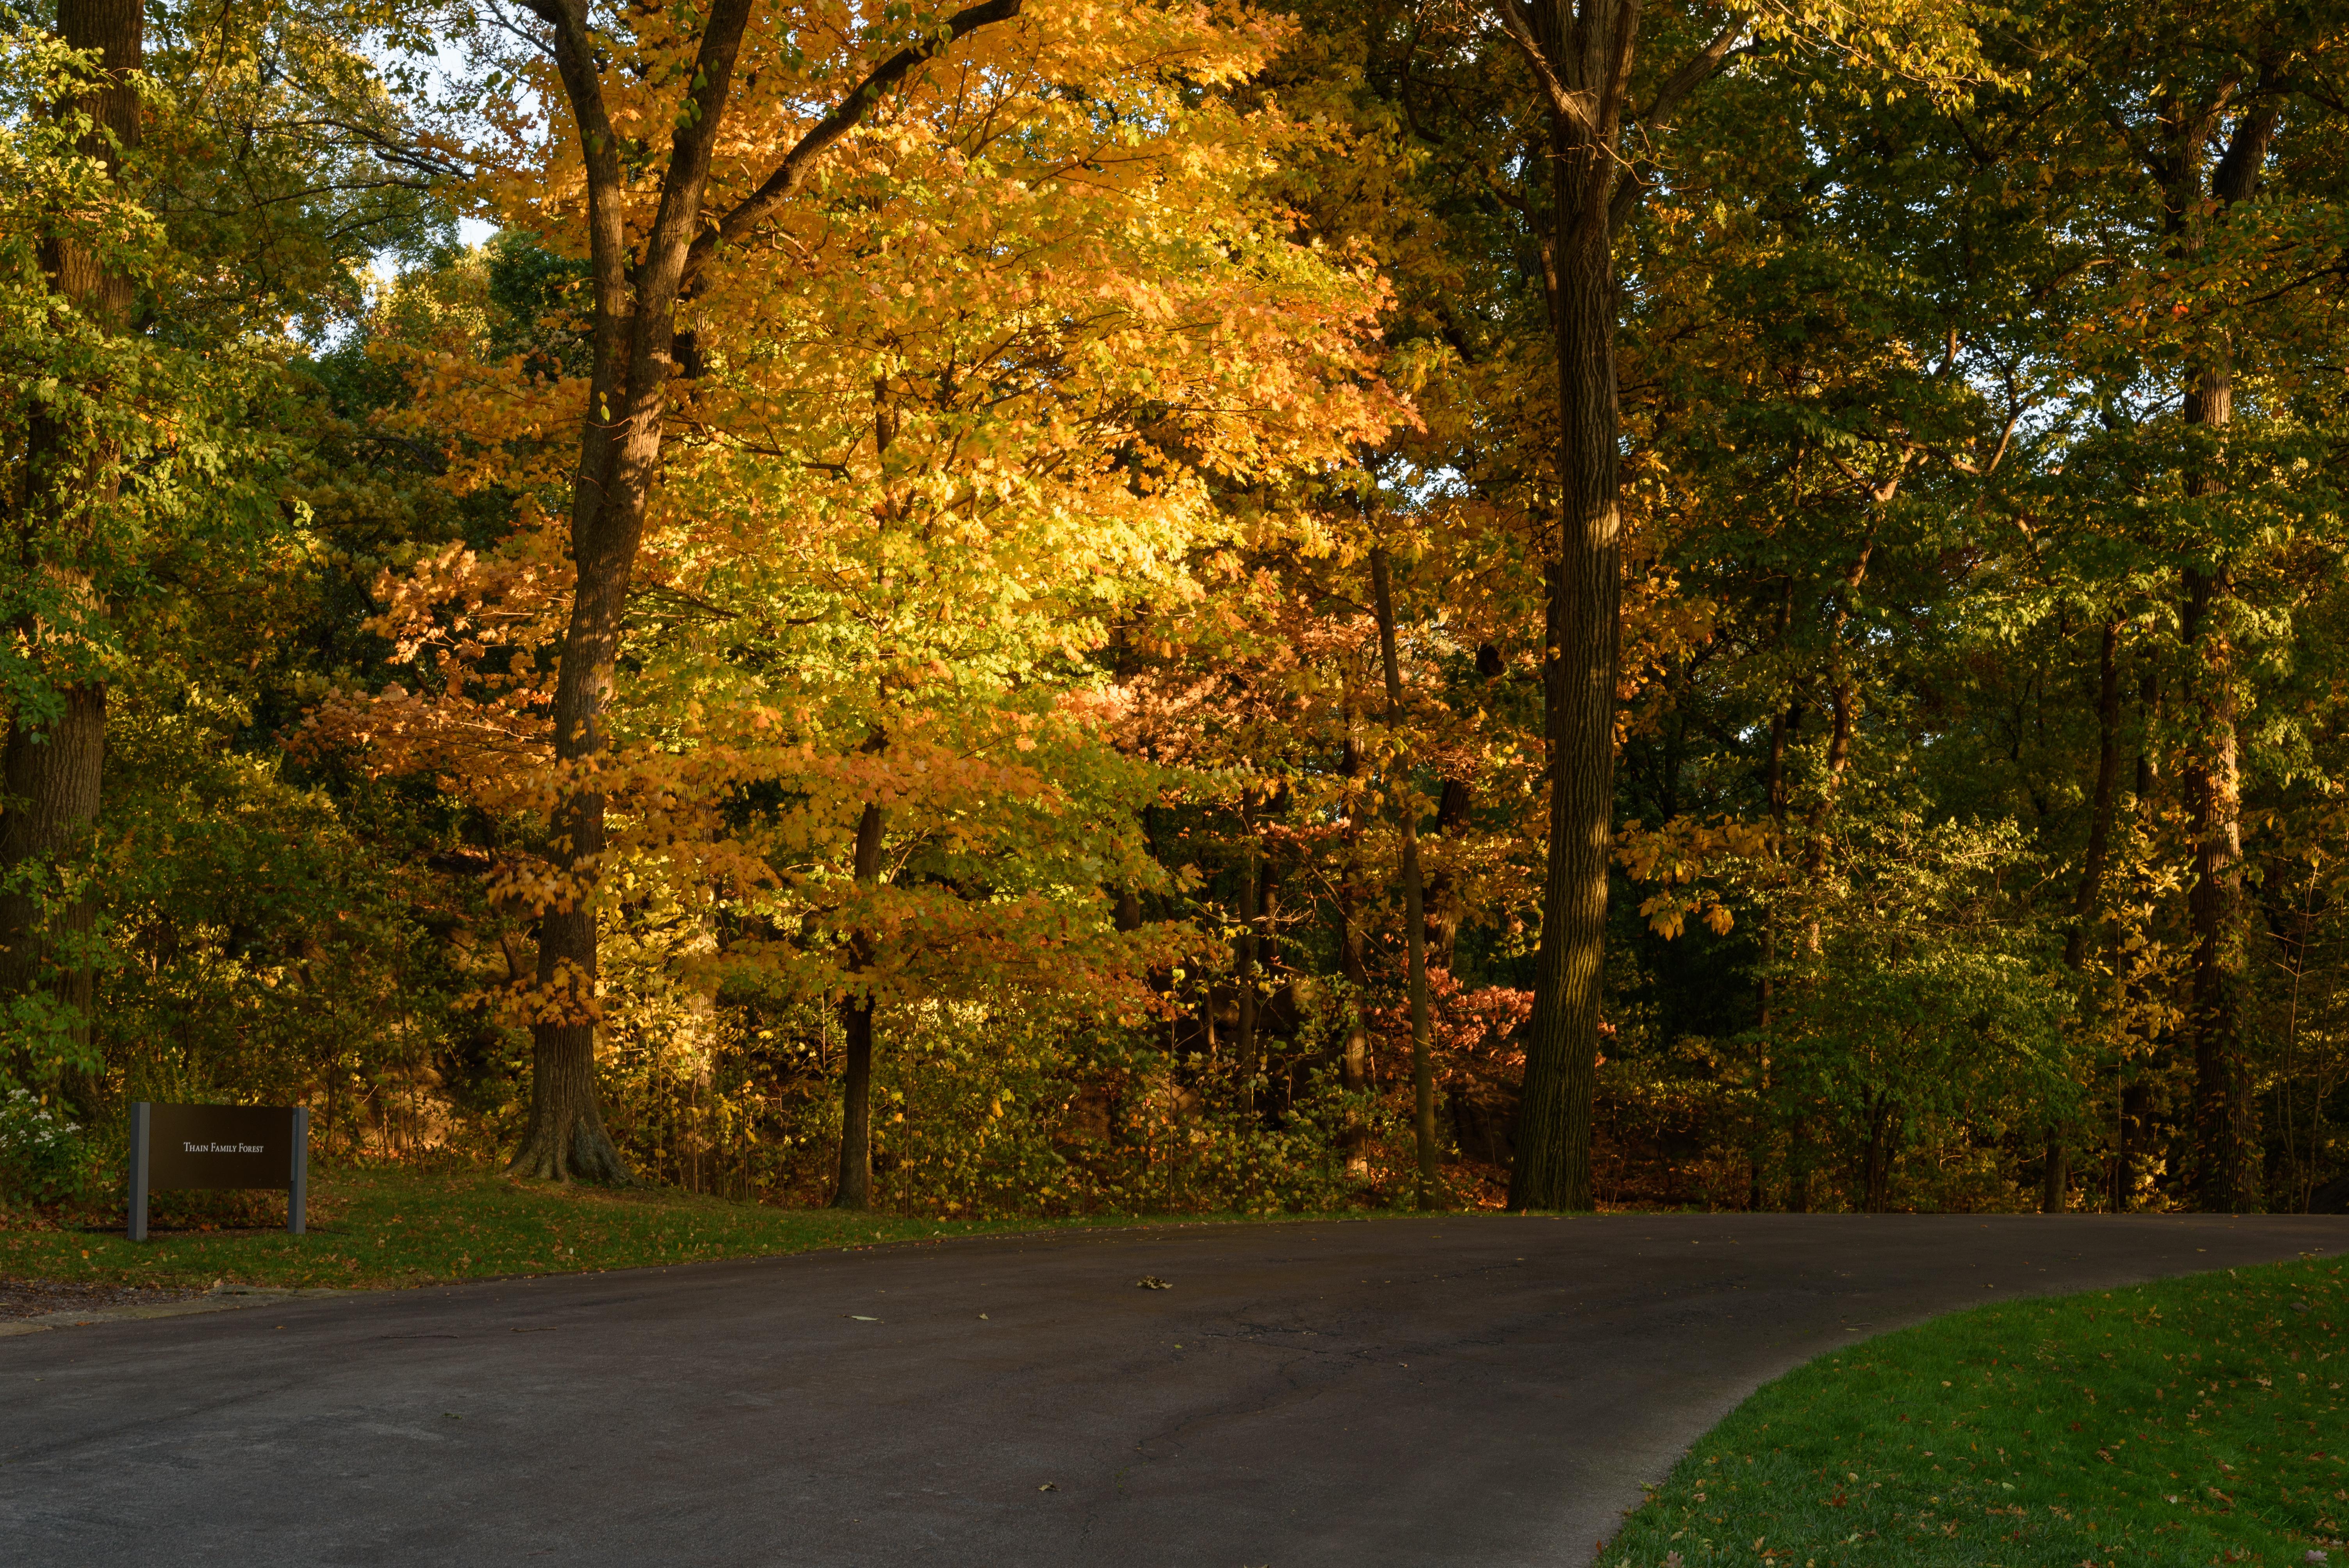 File:New York Botanical Garden October 2016 015.jpg - Wikimedia Commons